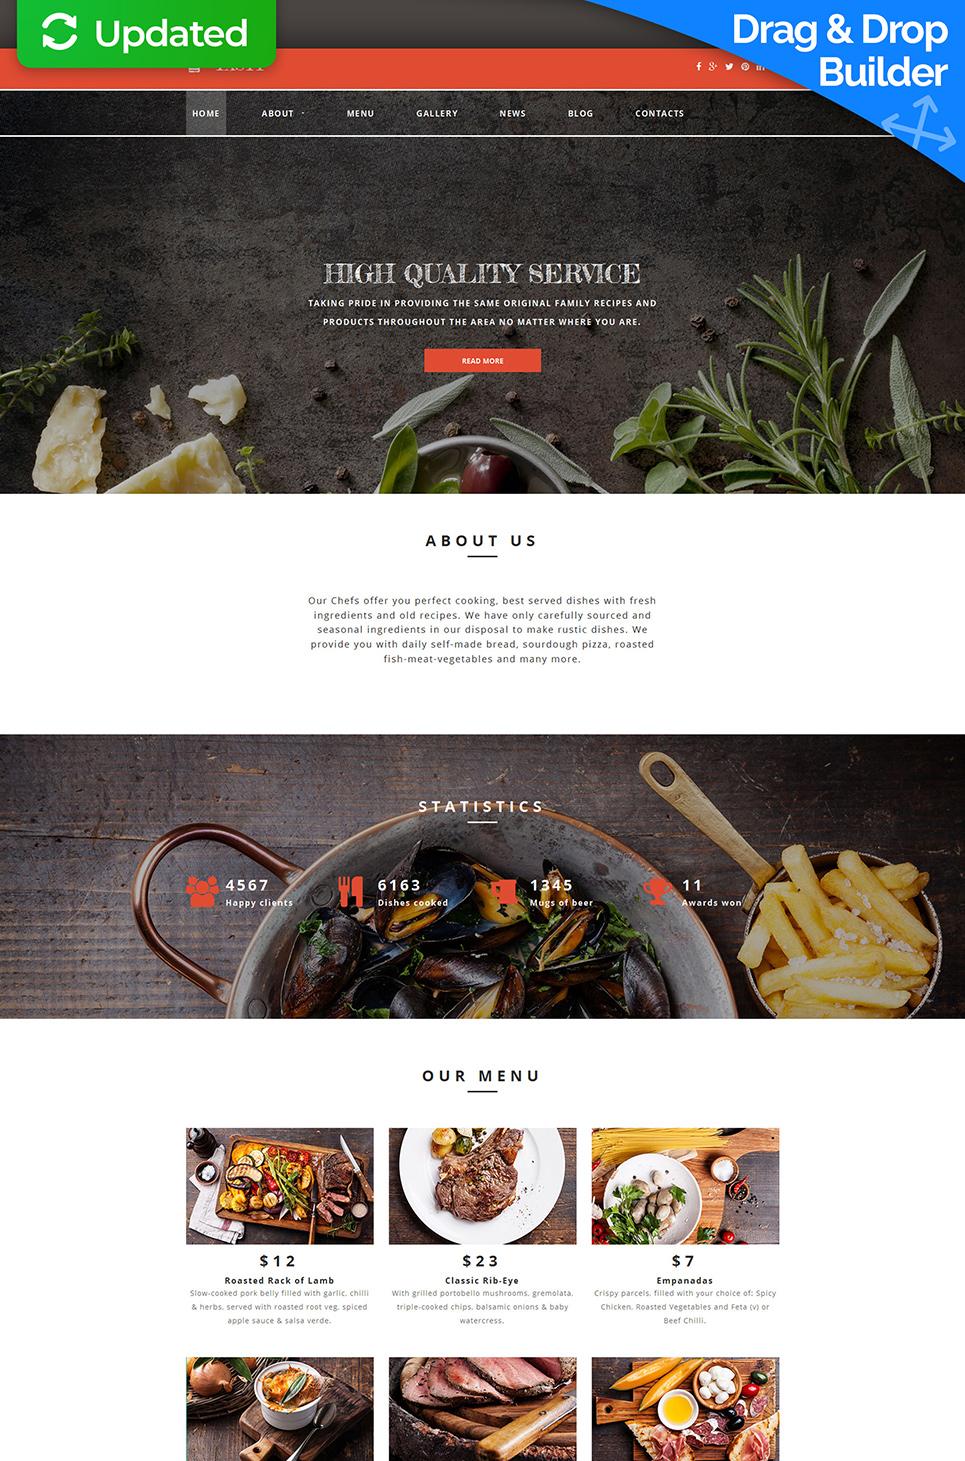 MotoCMS 3 Plantilla #58848 de categoría Restaurantes, bares y cafés - image